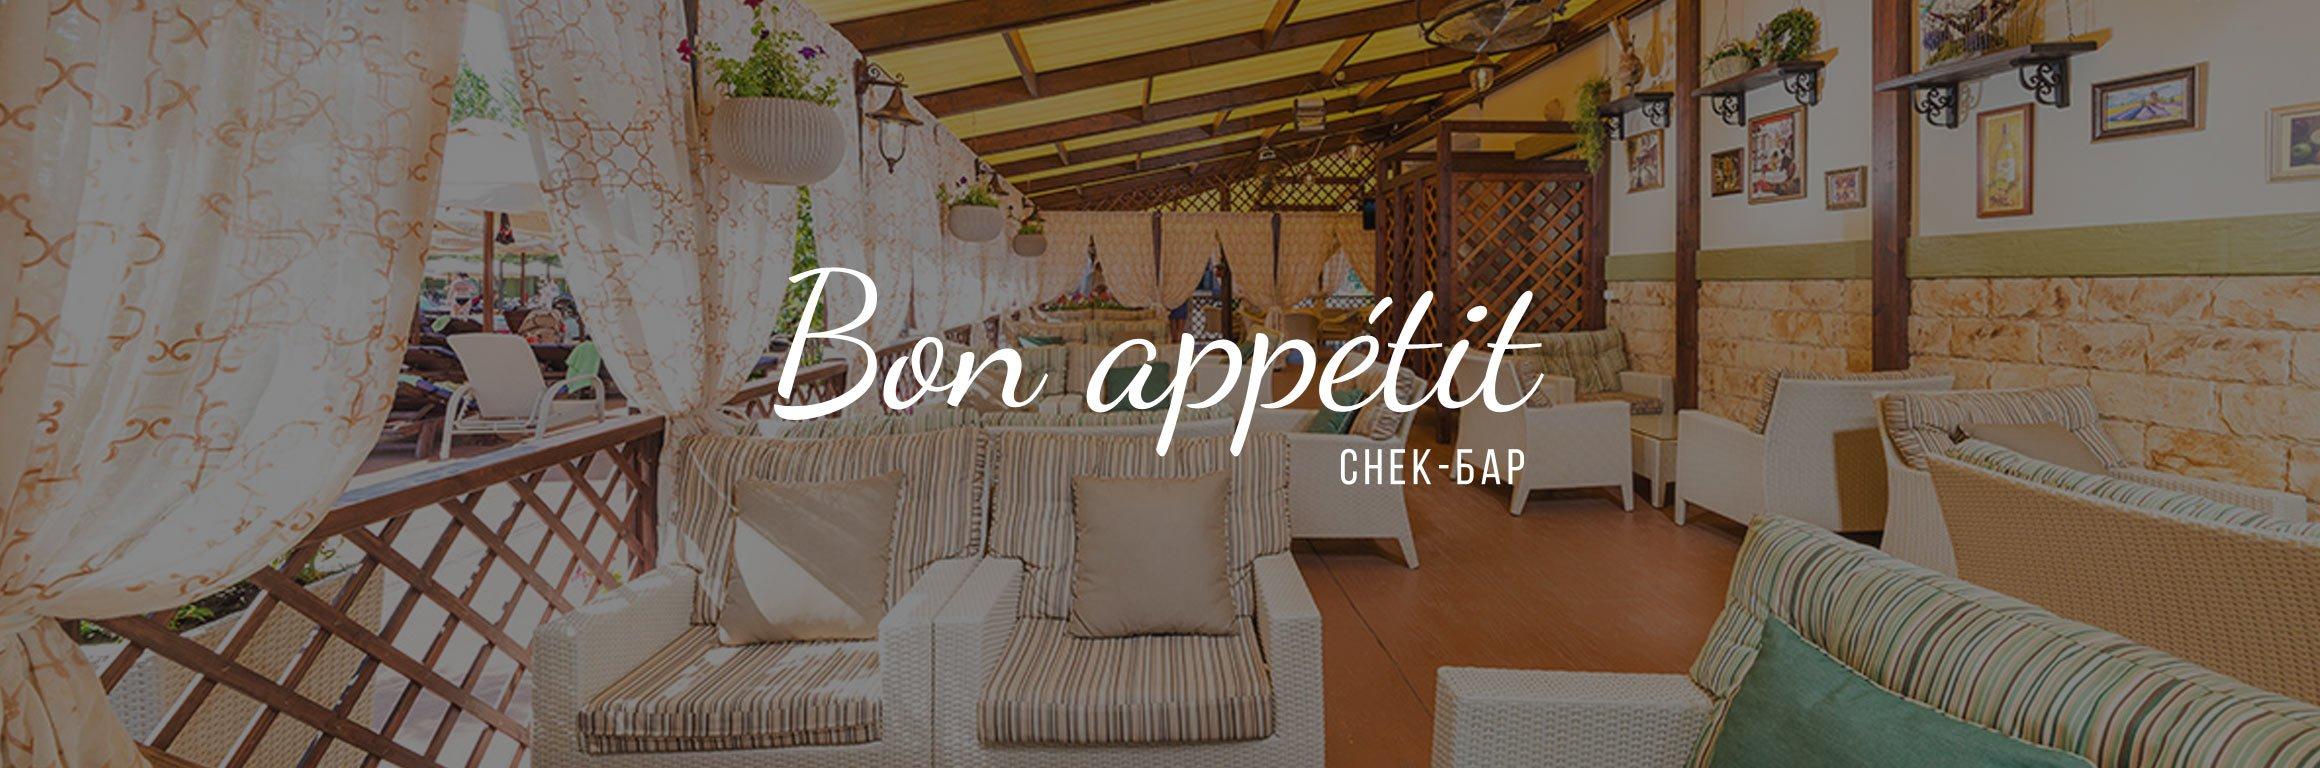 Снек-бар Bon appetit